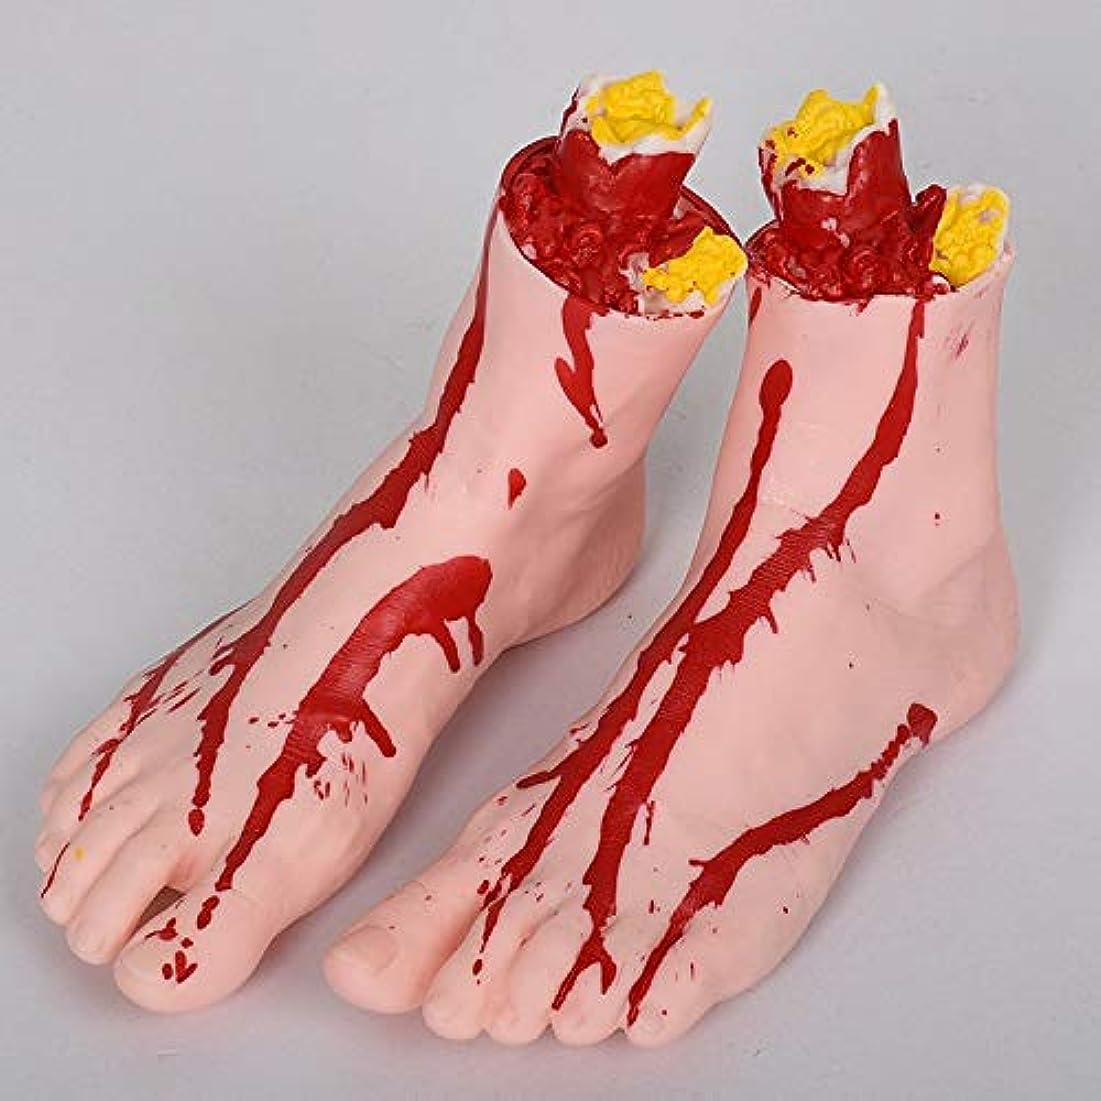 接続された制約ネットETRRUU HOME ハロウィーンの小道具お化け屋敷バー装飾全体のおもちゃのパロディーホラーシミュレーション義足壊れた手壊れた足 (Size : D)